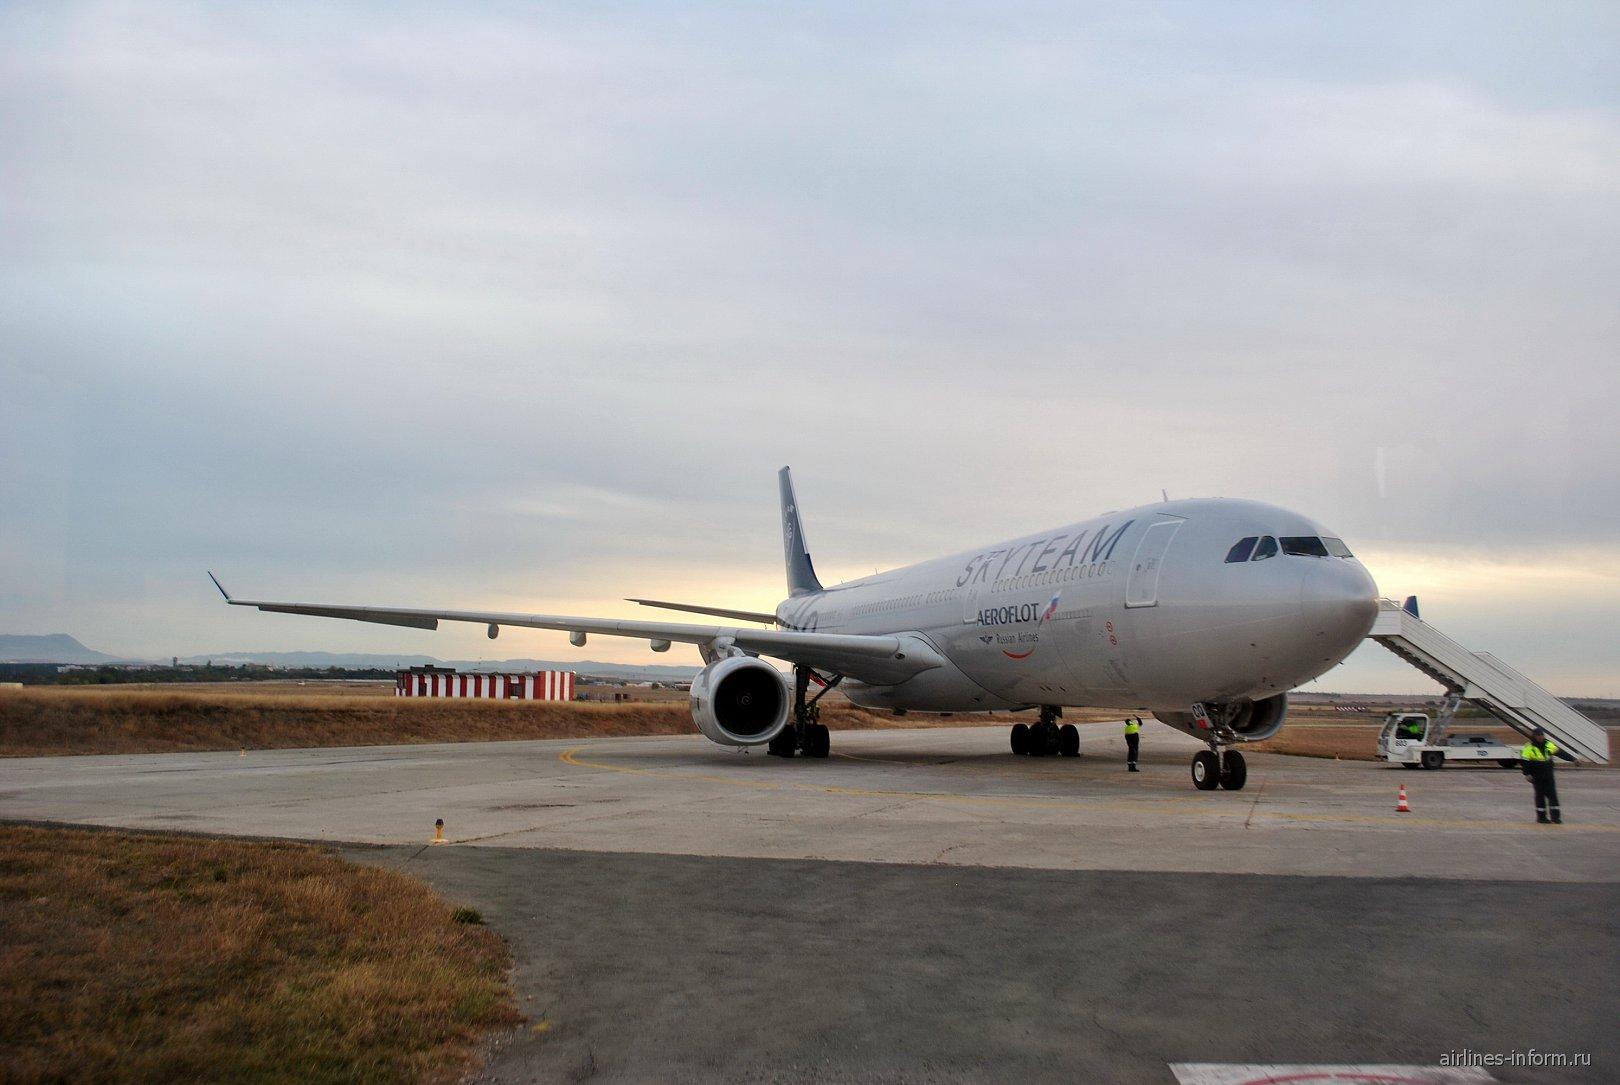 Airbus A330-300 Аэрофлота в окраске альянса Skyteam